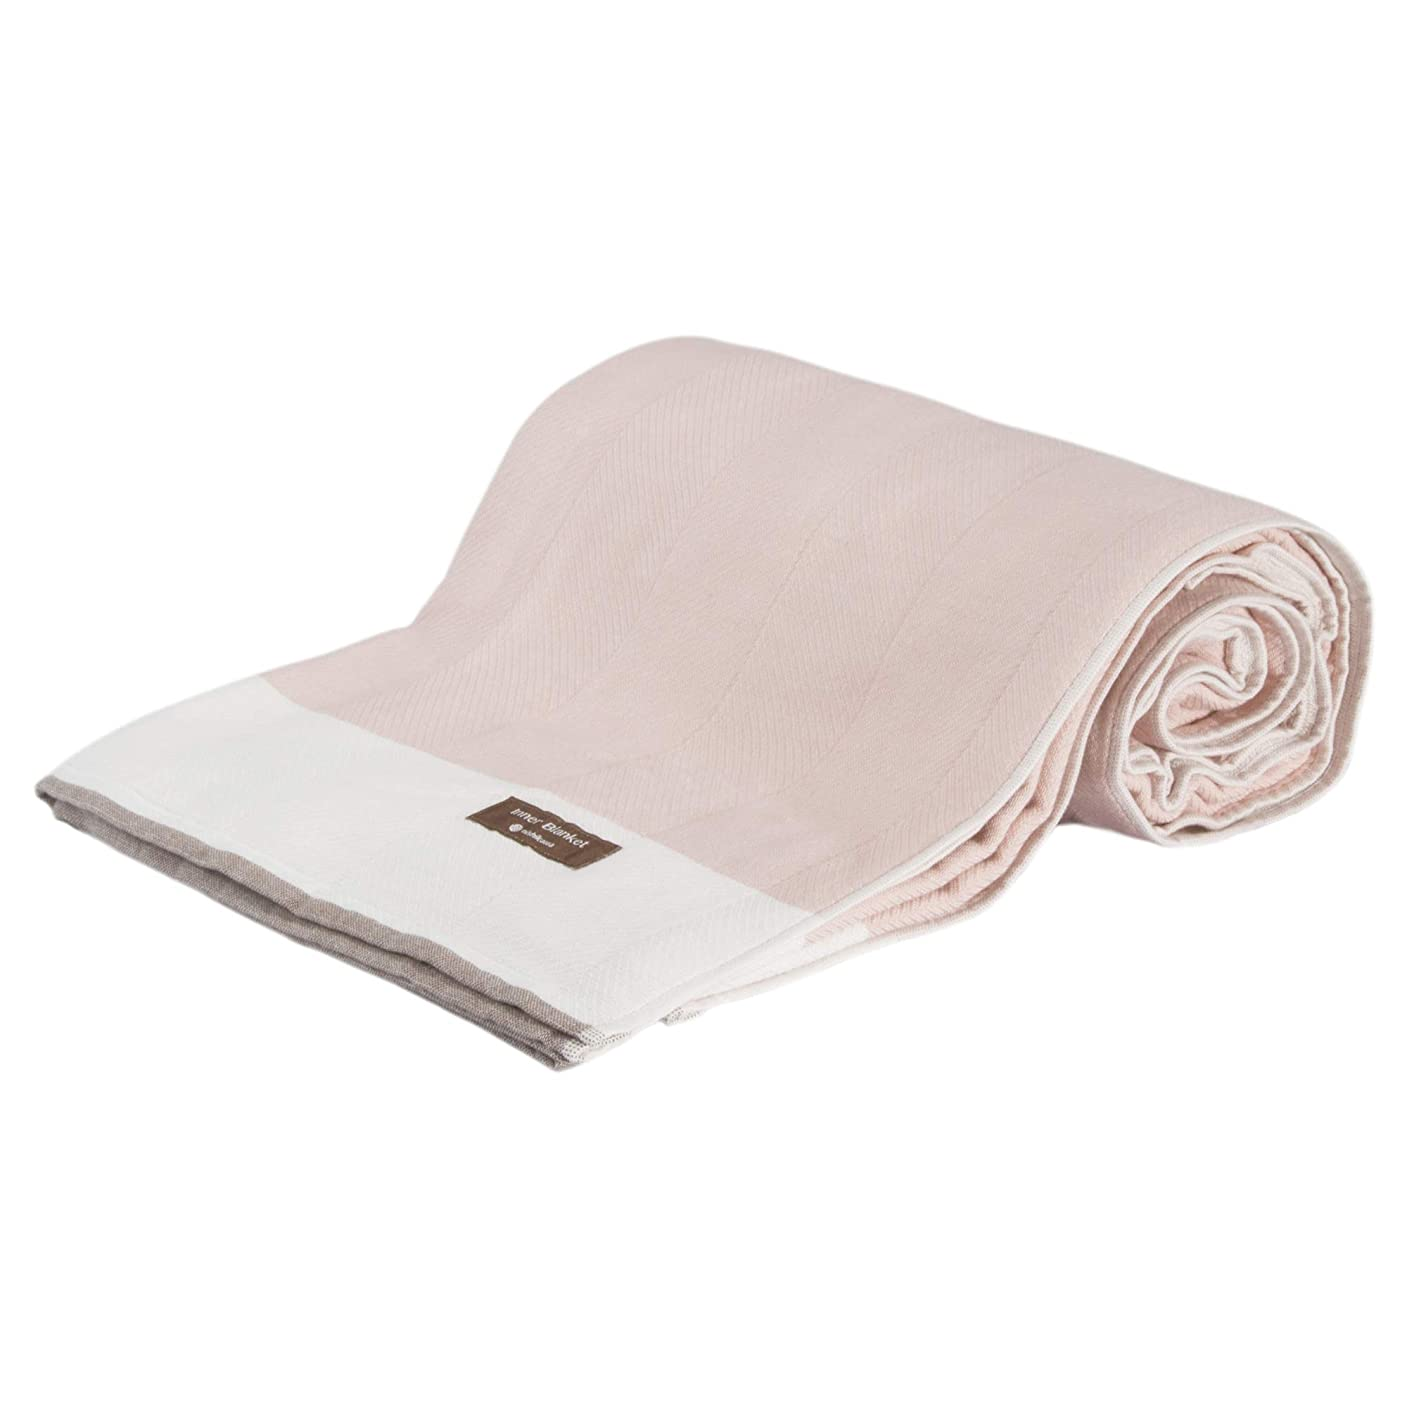 気候の山シャークール東京西川 毛布 (インナーブランケット) ピンク シングル 洗える 今治 日本製 コットン ウール混 なめらか やわらか RR09102011P